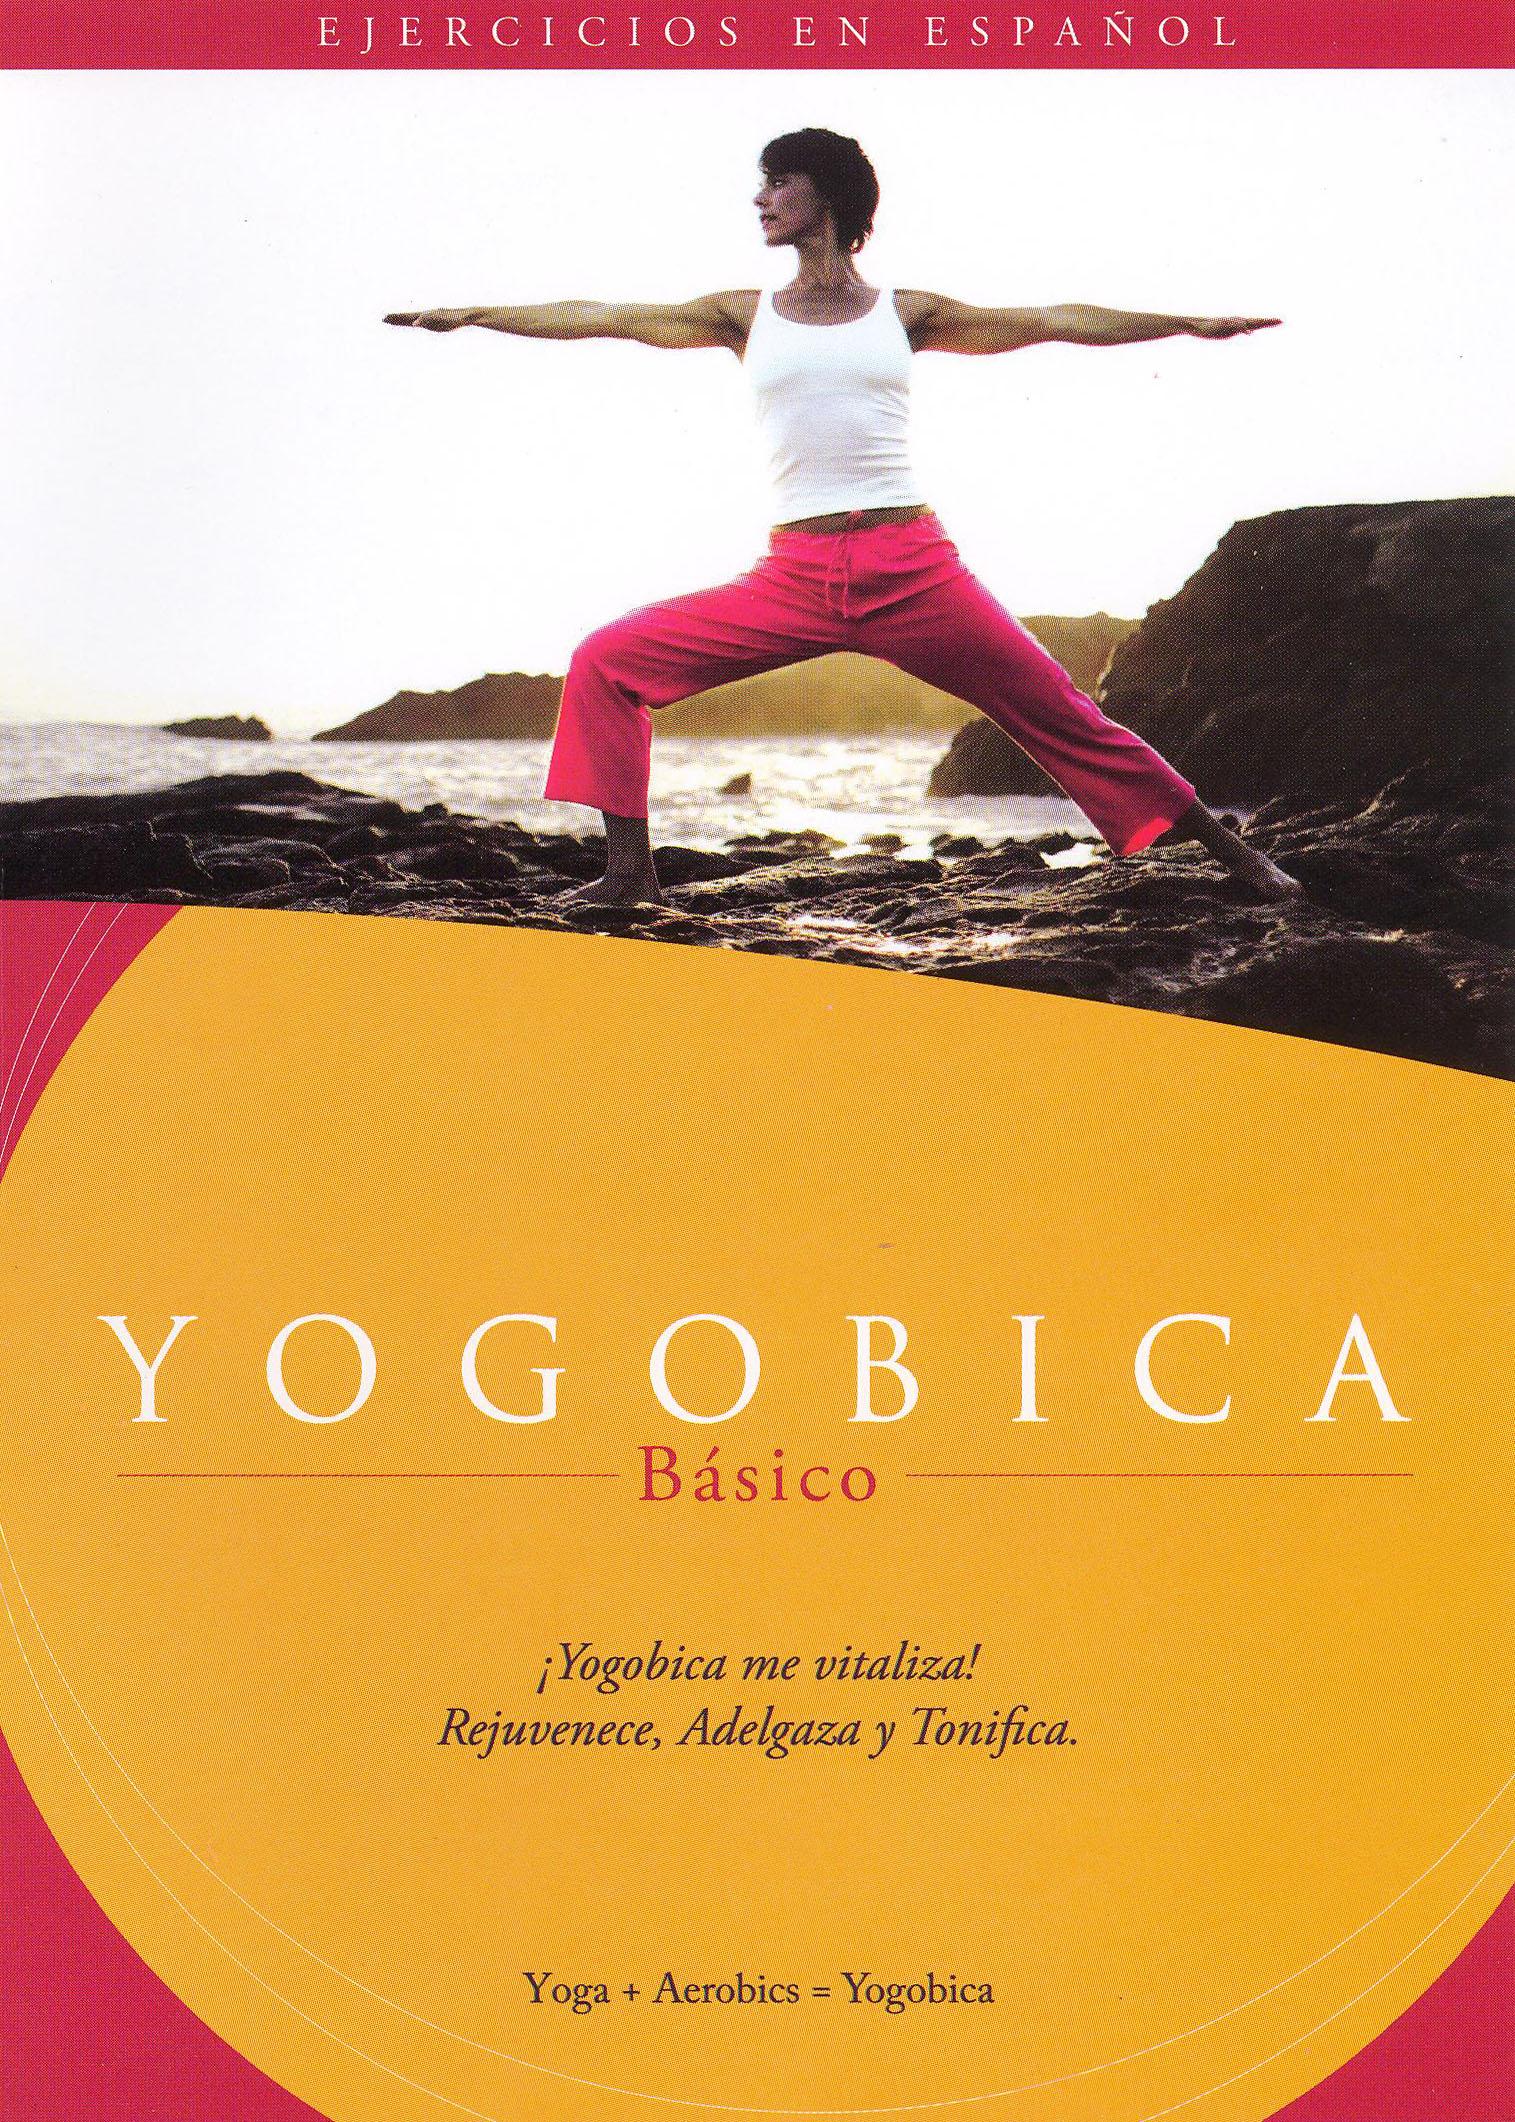 Yogobica: Basic